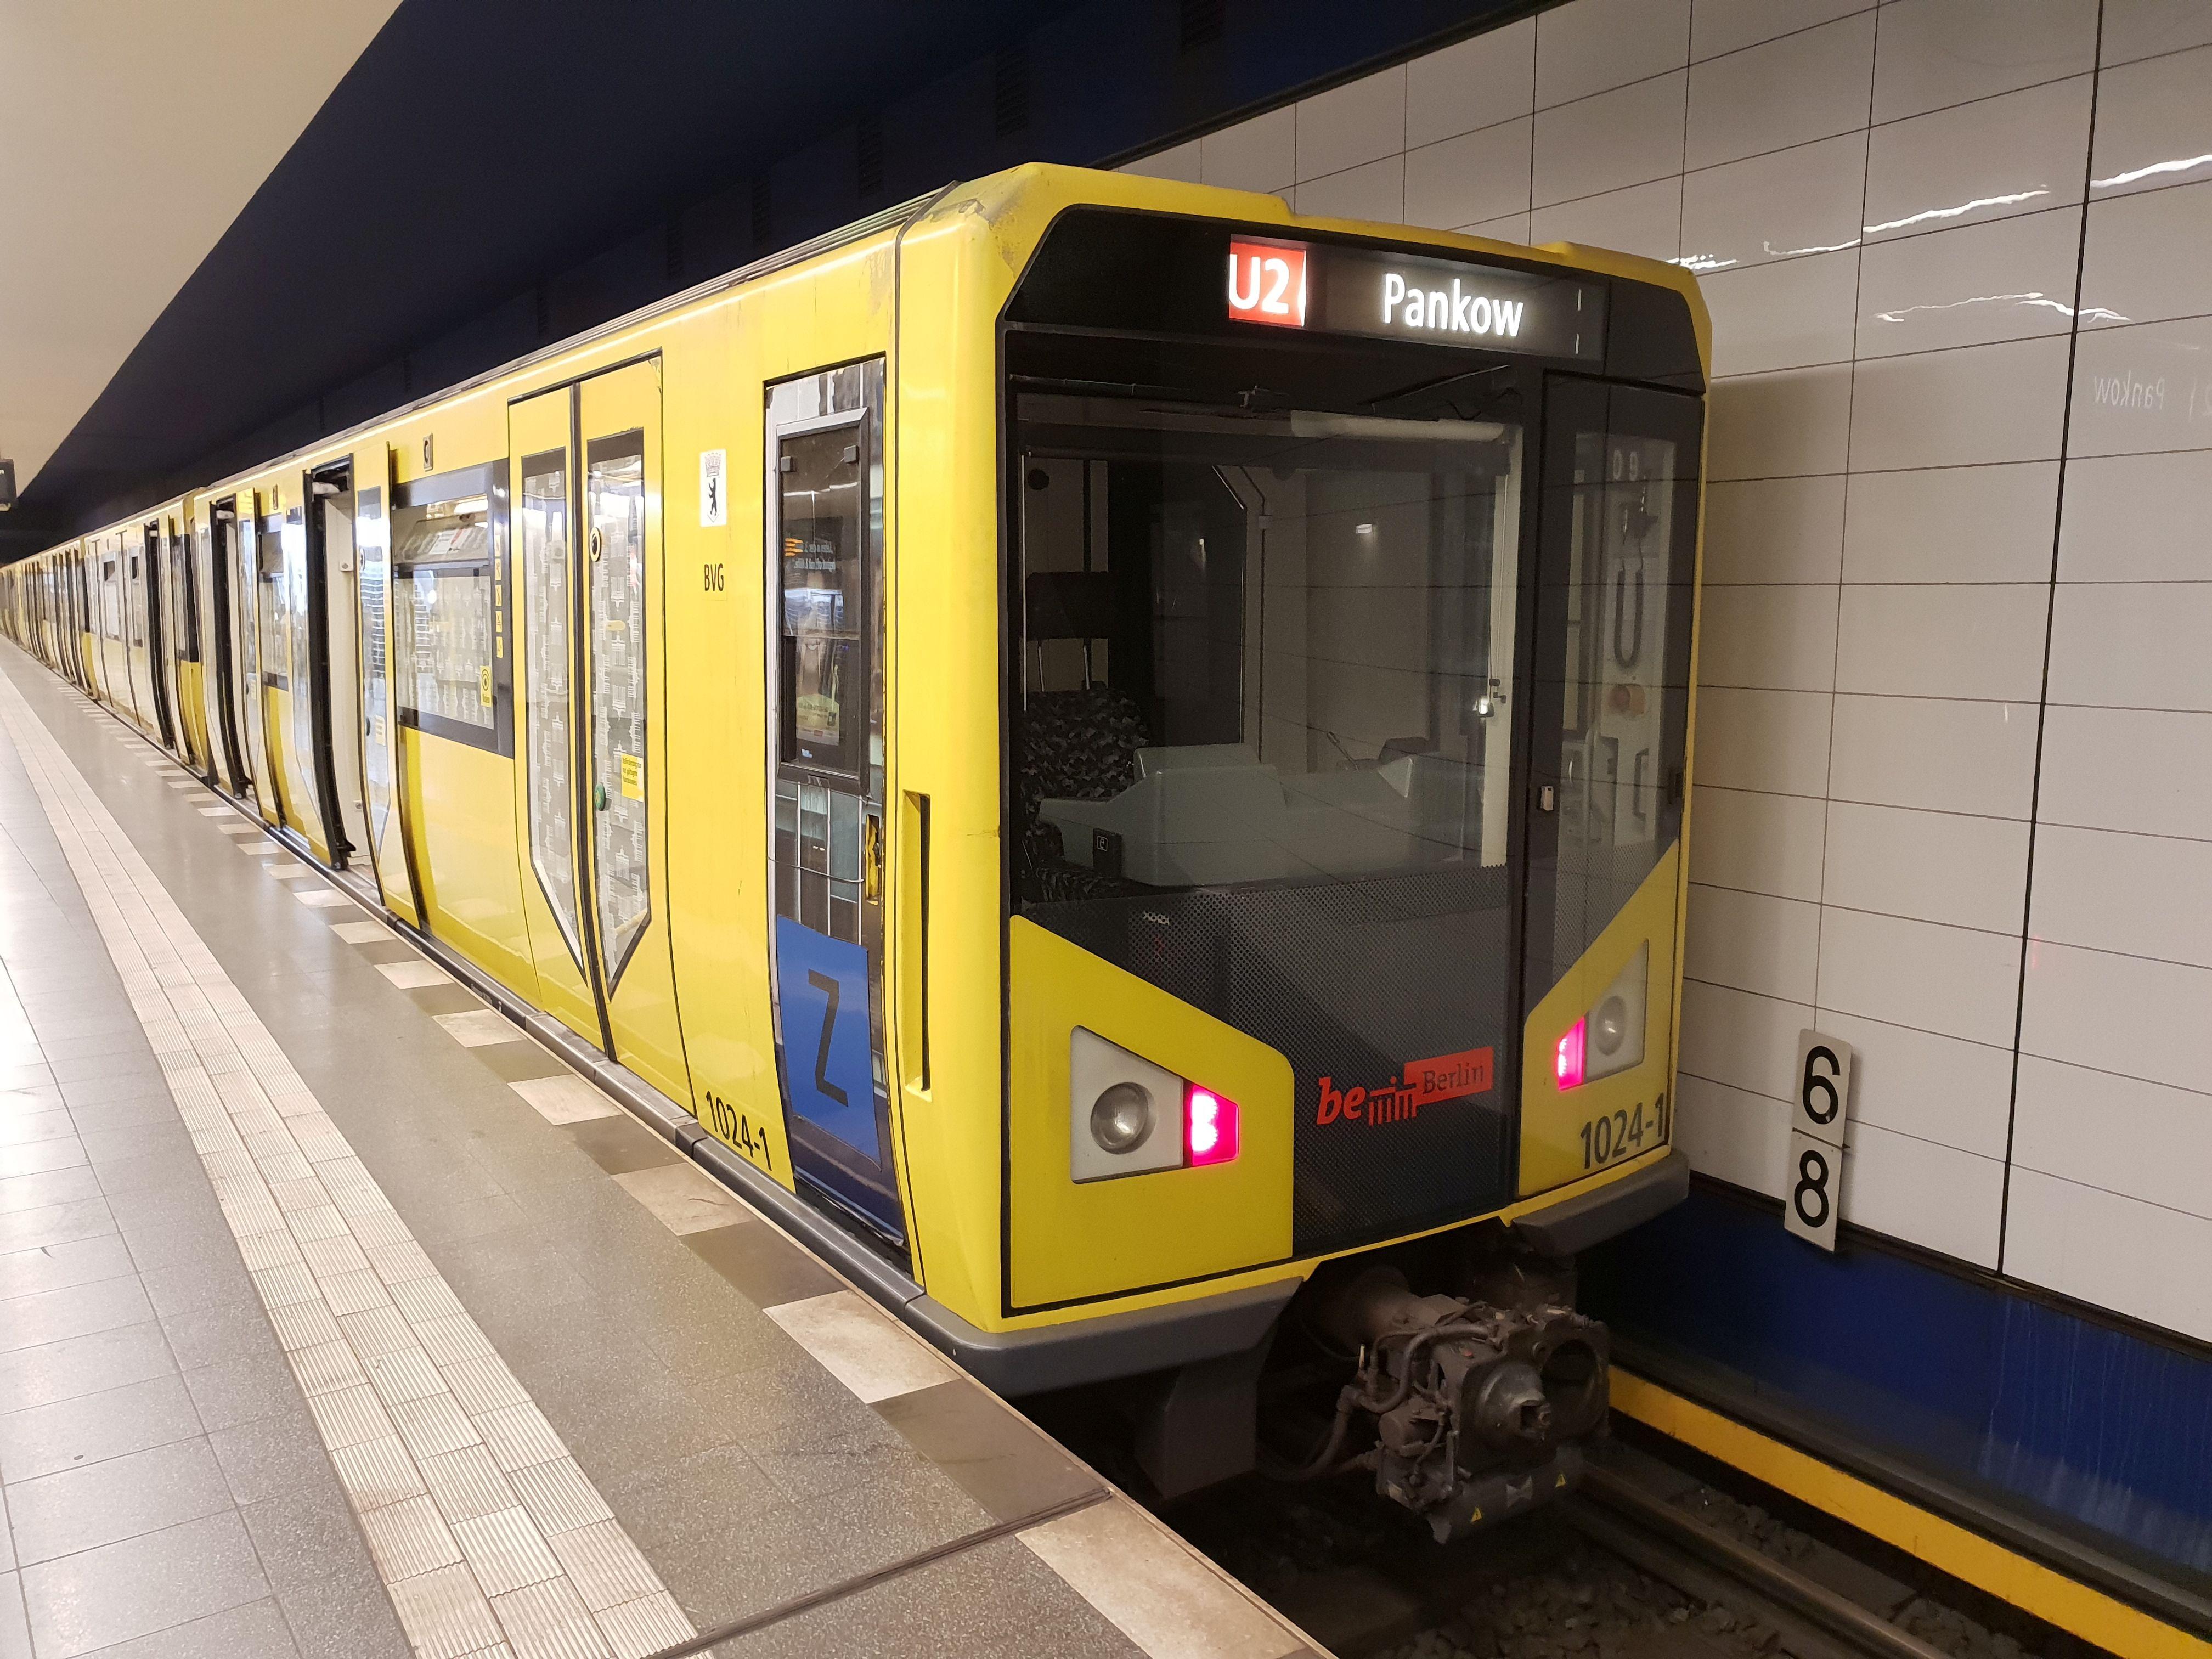 U-Bahn 1024-1, Baureihe HK, Berlin-Pankow, August 2018